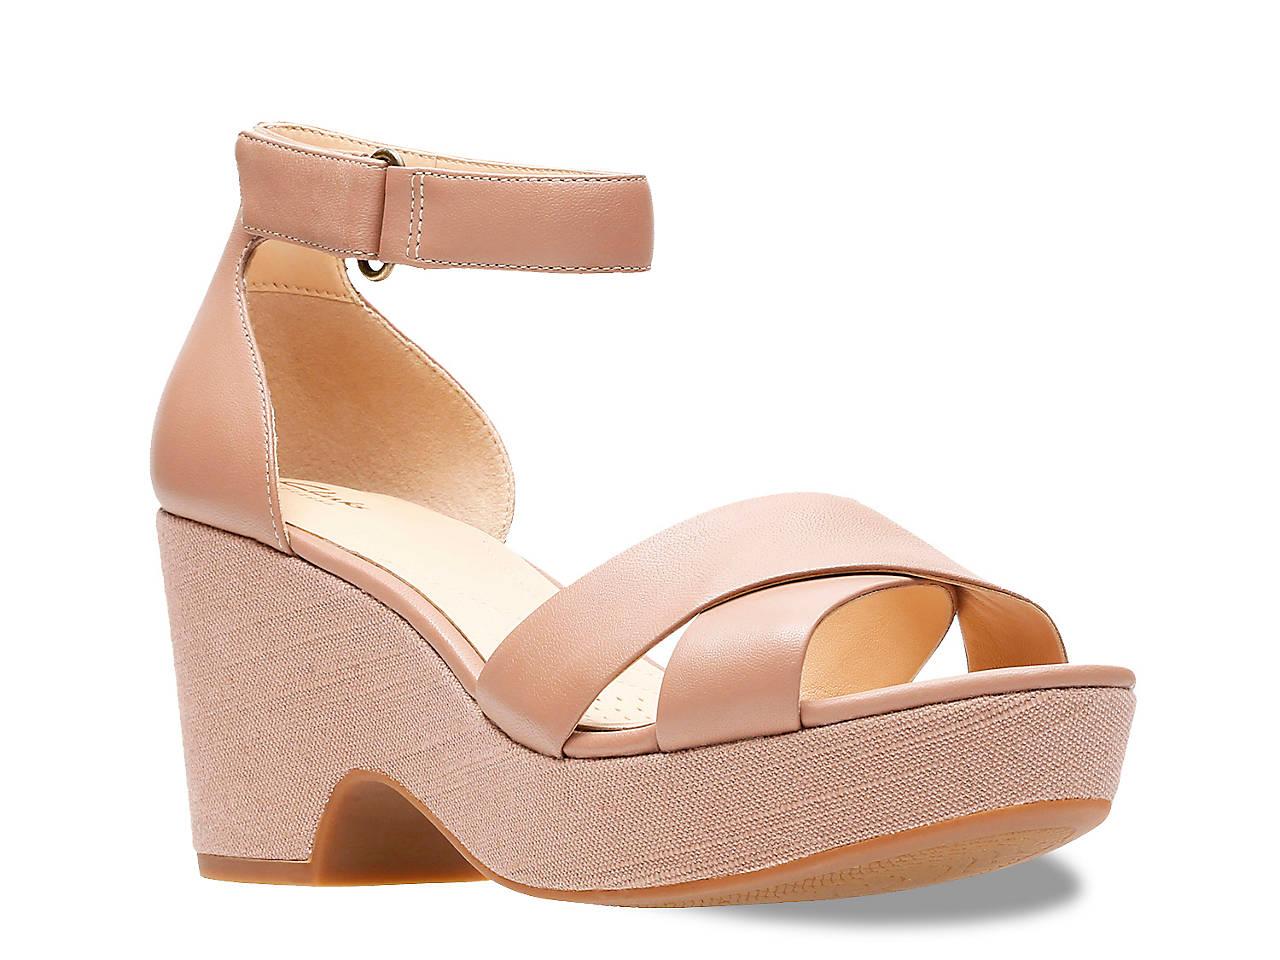 a2aa6549c9d763 Artisan Clarks Dsw Sandal Maritsa Shoes Women s d0w4q